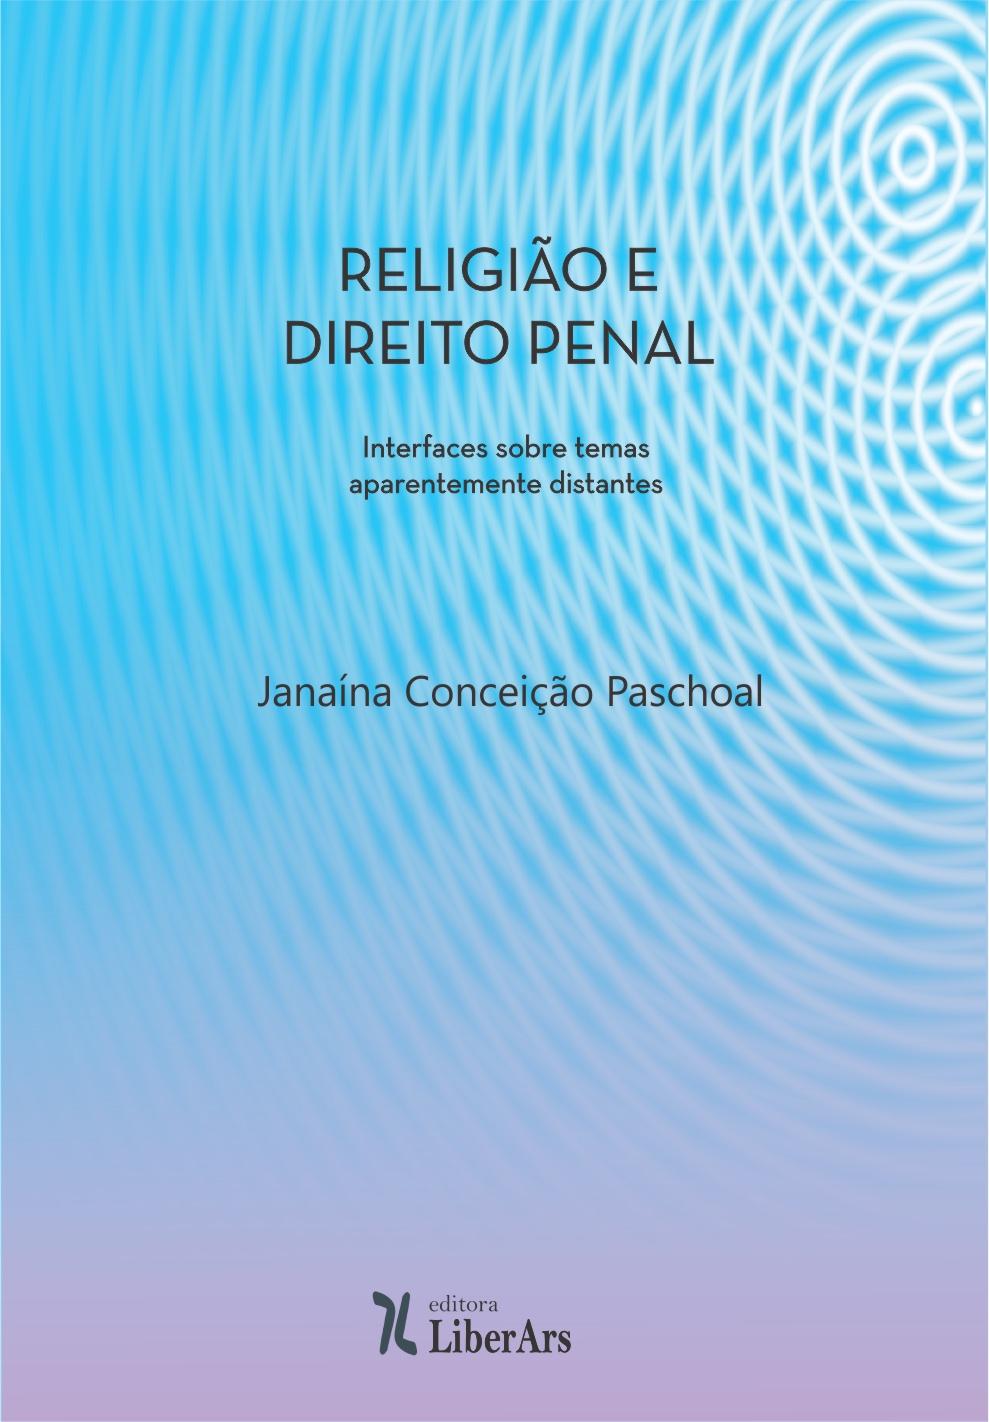 Religião e direito penal: interfaces sobre temas aparentemente distantes aparentemente distantes, livro de Janaina Conceição Paschoal